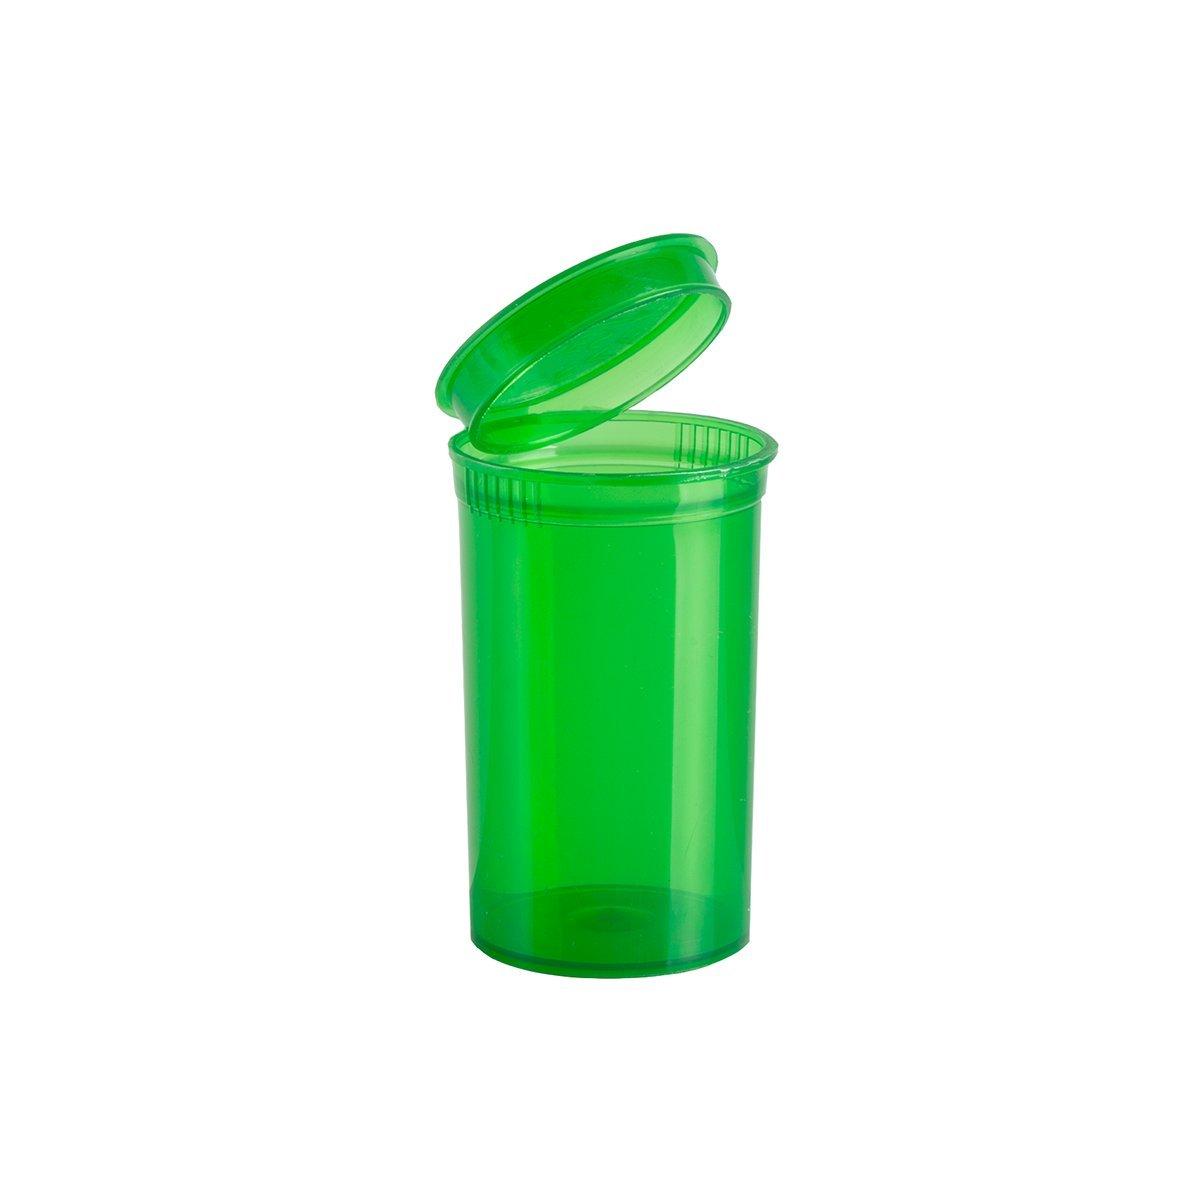 Premium Vials - 225 pcs, 19 Dram Green Pop Top Containers Full Cases, Best Medical Marijuana Container Pop Top Bottles Pop Top Vial. (19 Dram, Green)